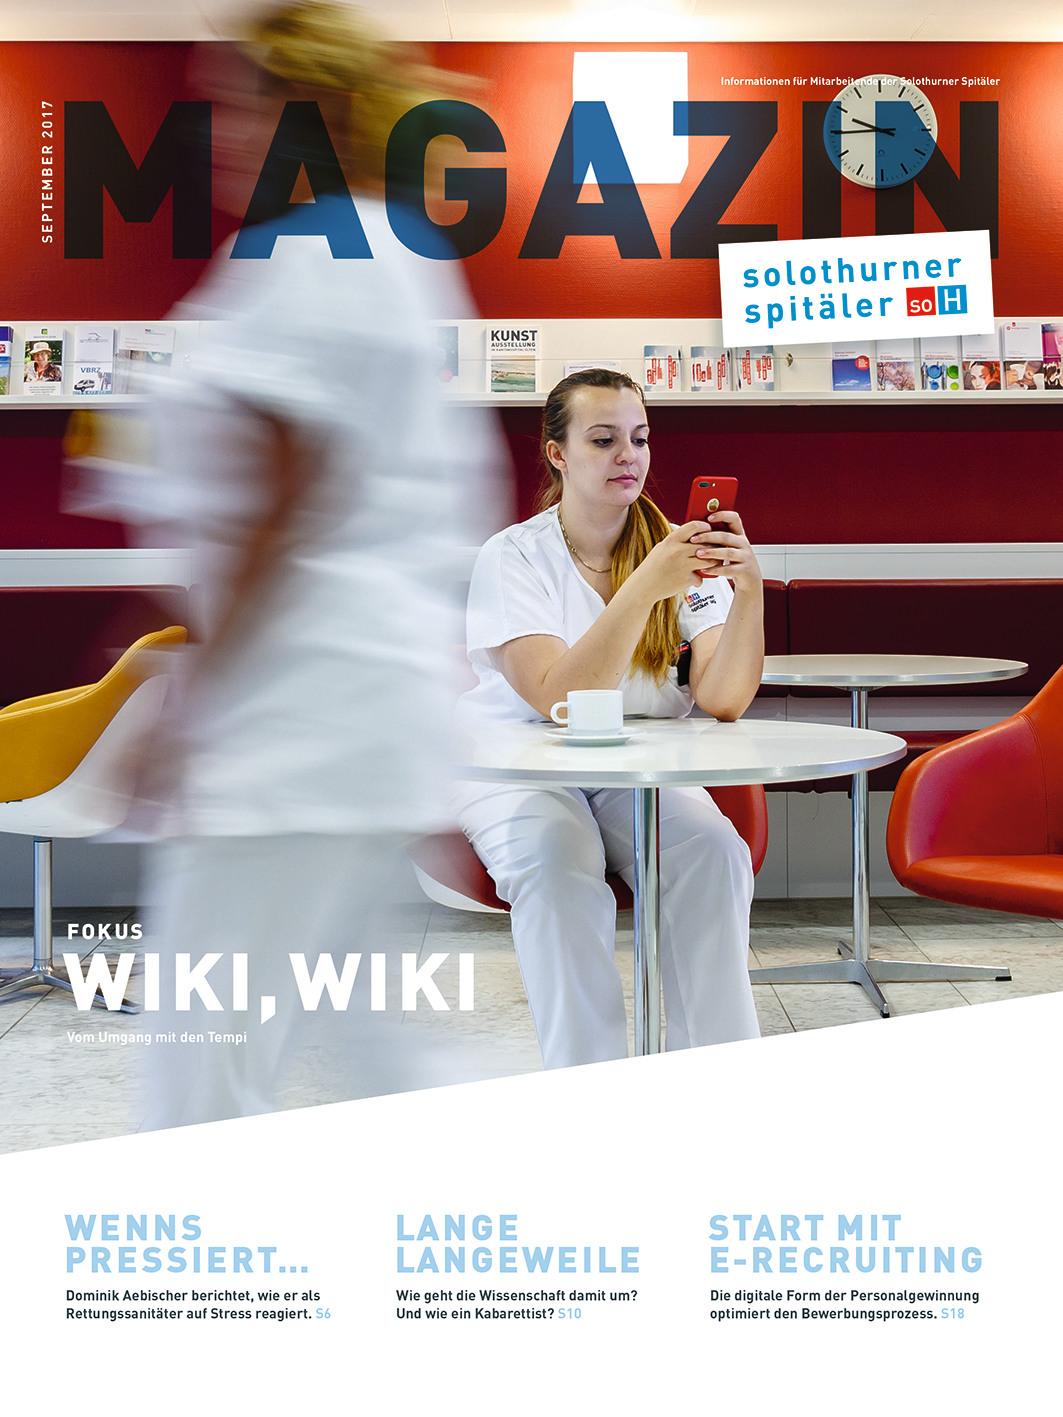 Mitarbeitermagazin der Solothurner Spitäler AG